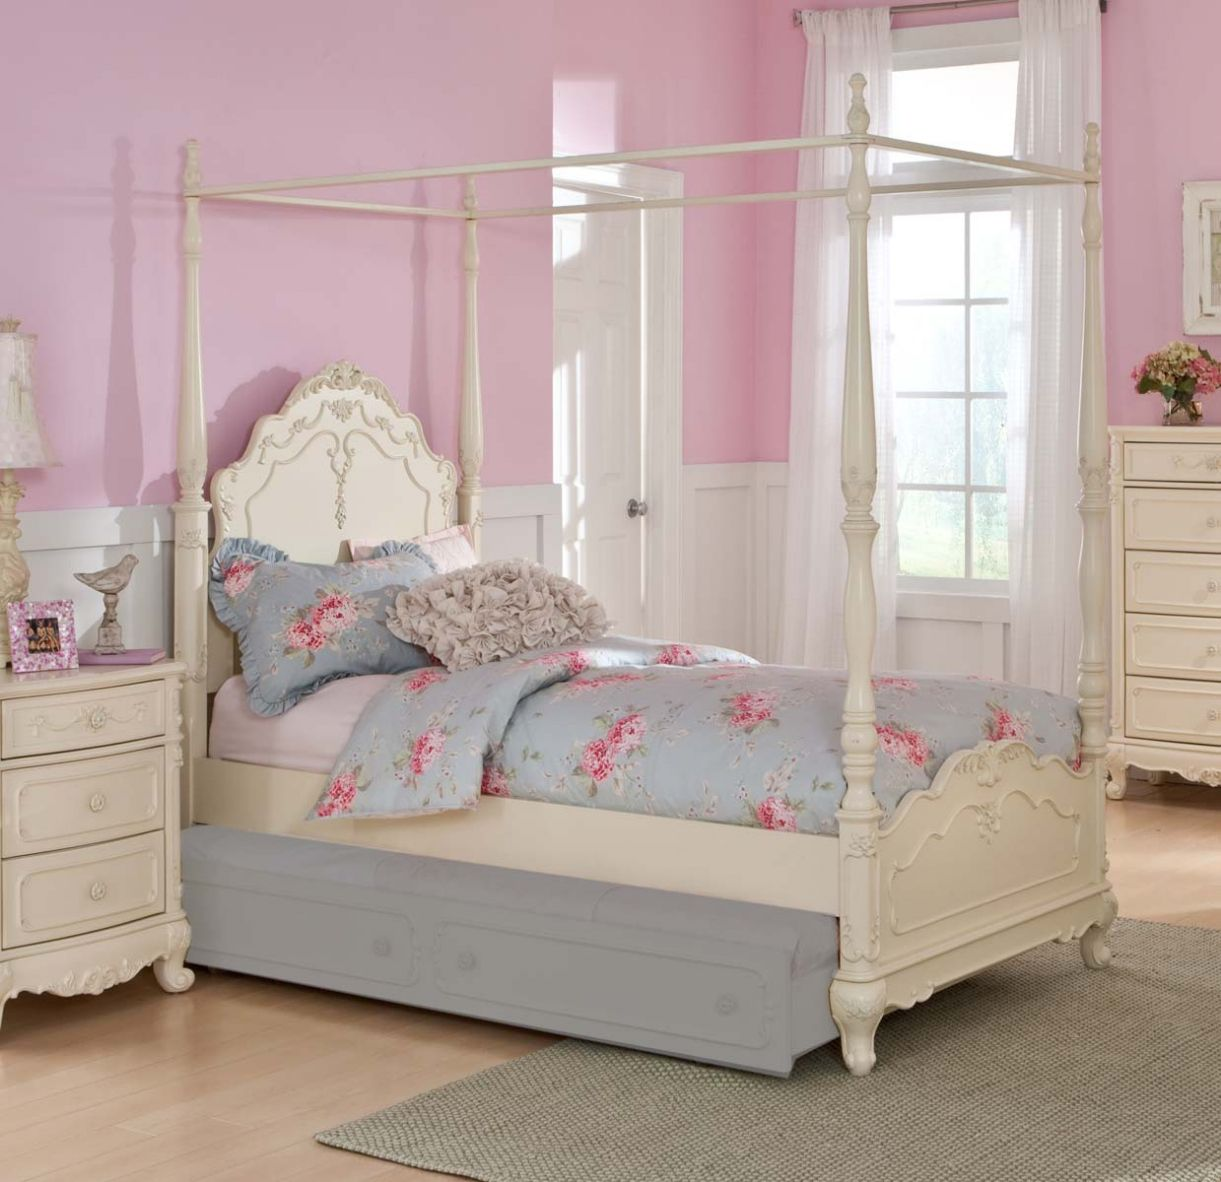 Cinderella Bedroom Furniture - Interior Design Bedroom Ideas Check ...